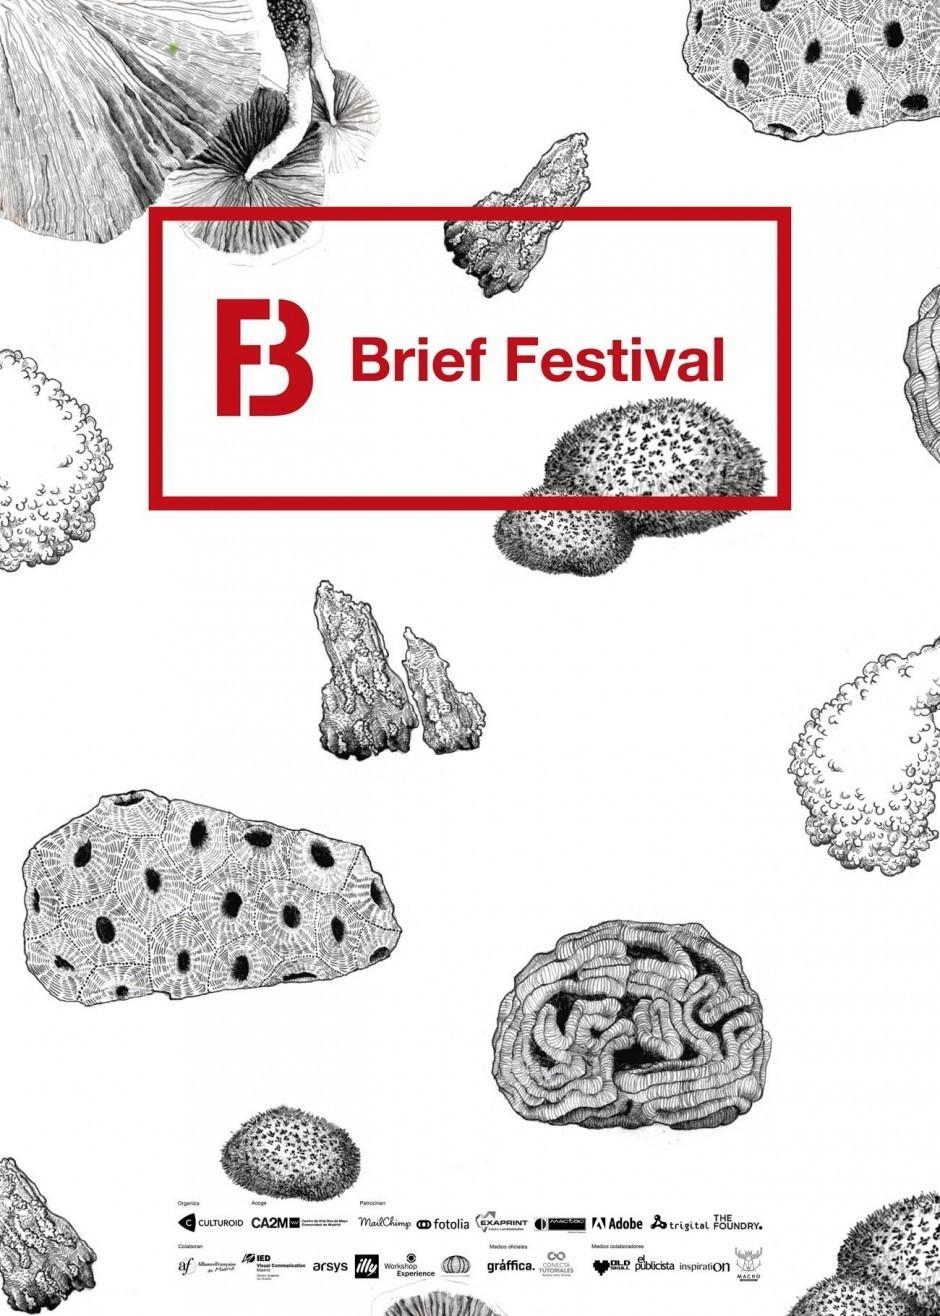 Brief Festival 2014 Poster